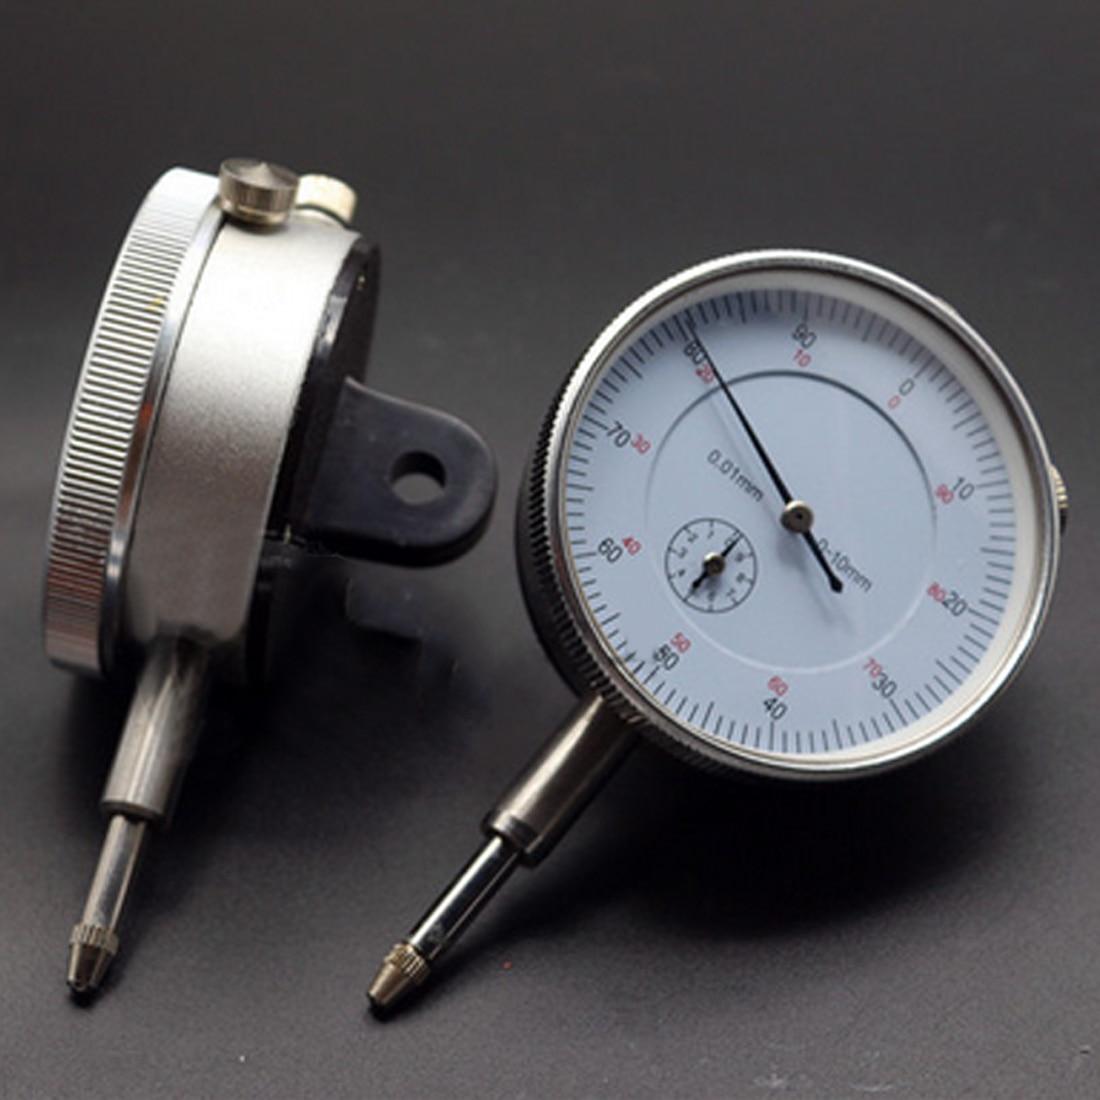 0-10mm Medidor Preciso 0.01 Resolução Teste De Concentricidade Mecânica Dial Indicator Calibre Novo